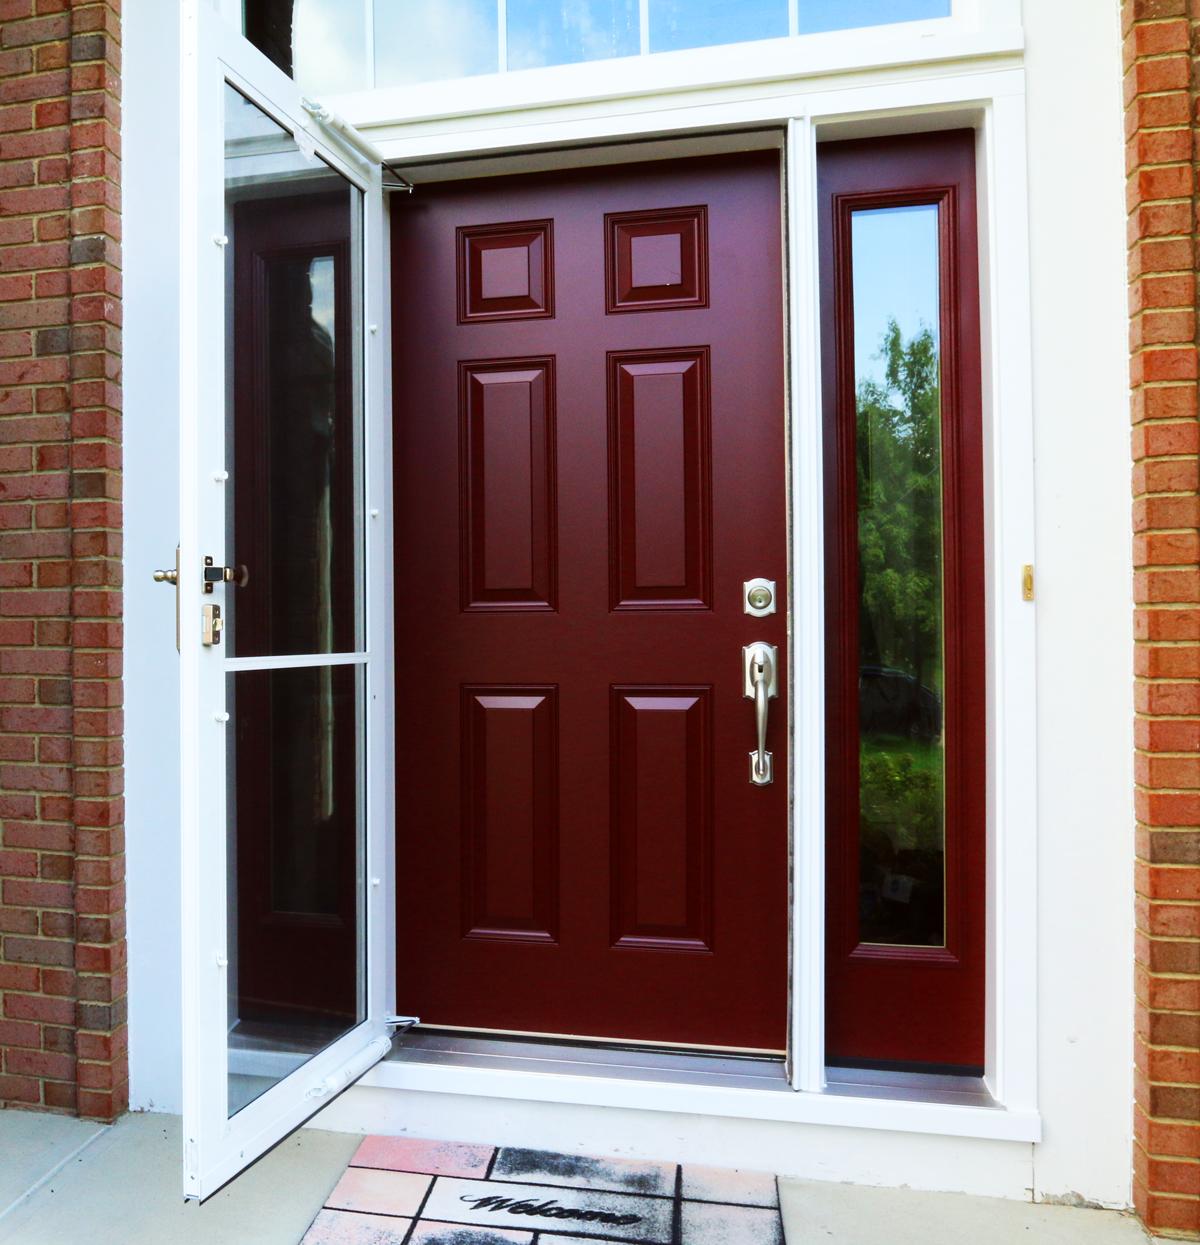 entry_door_red.png